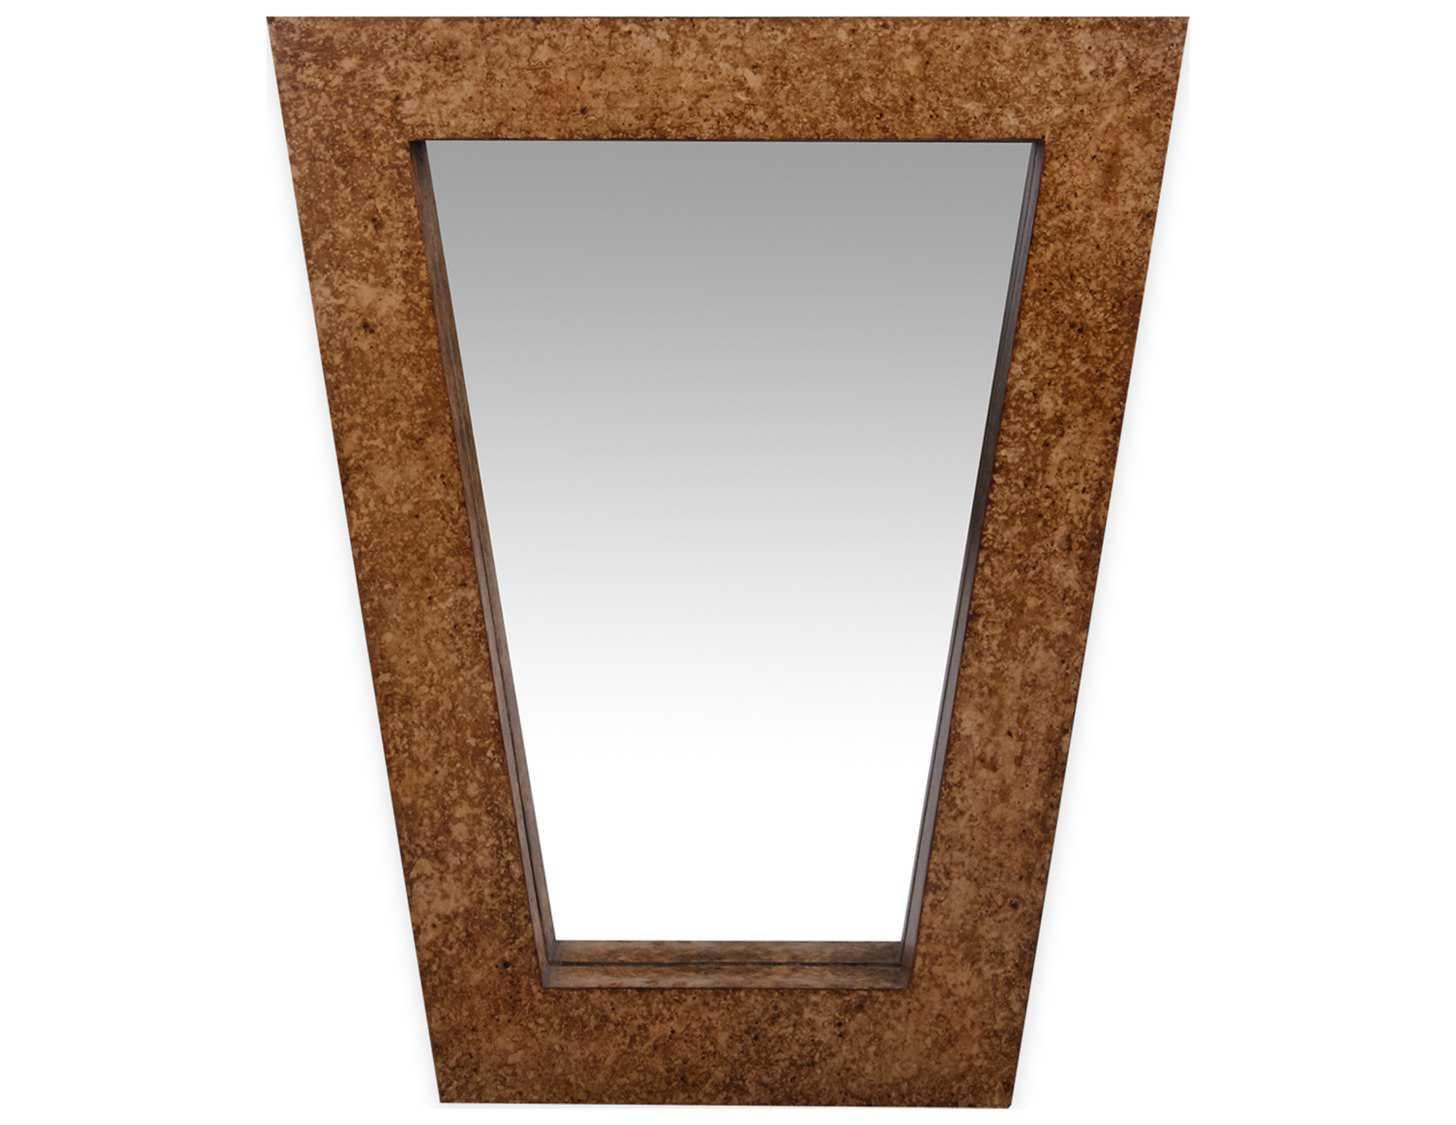 Flambeau st ann 30 x 36 wall mirror flmr1011 for Mirror 30 x 36